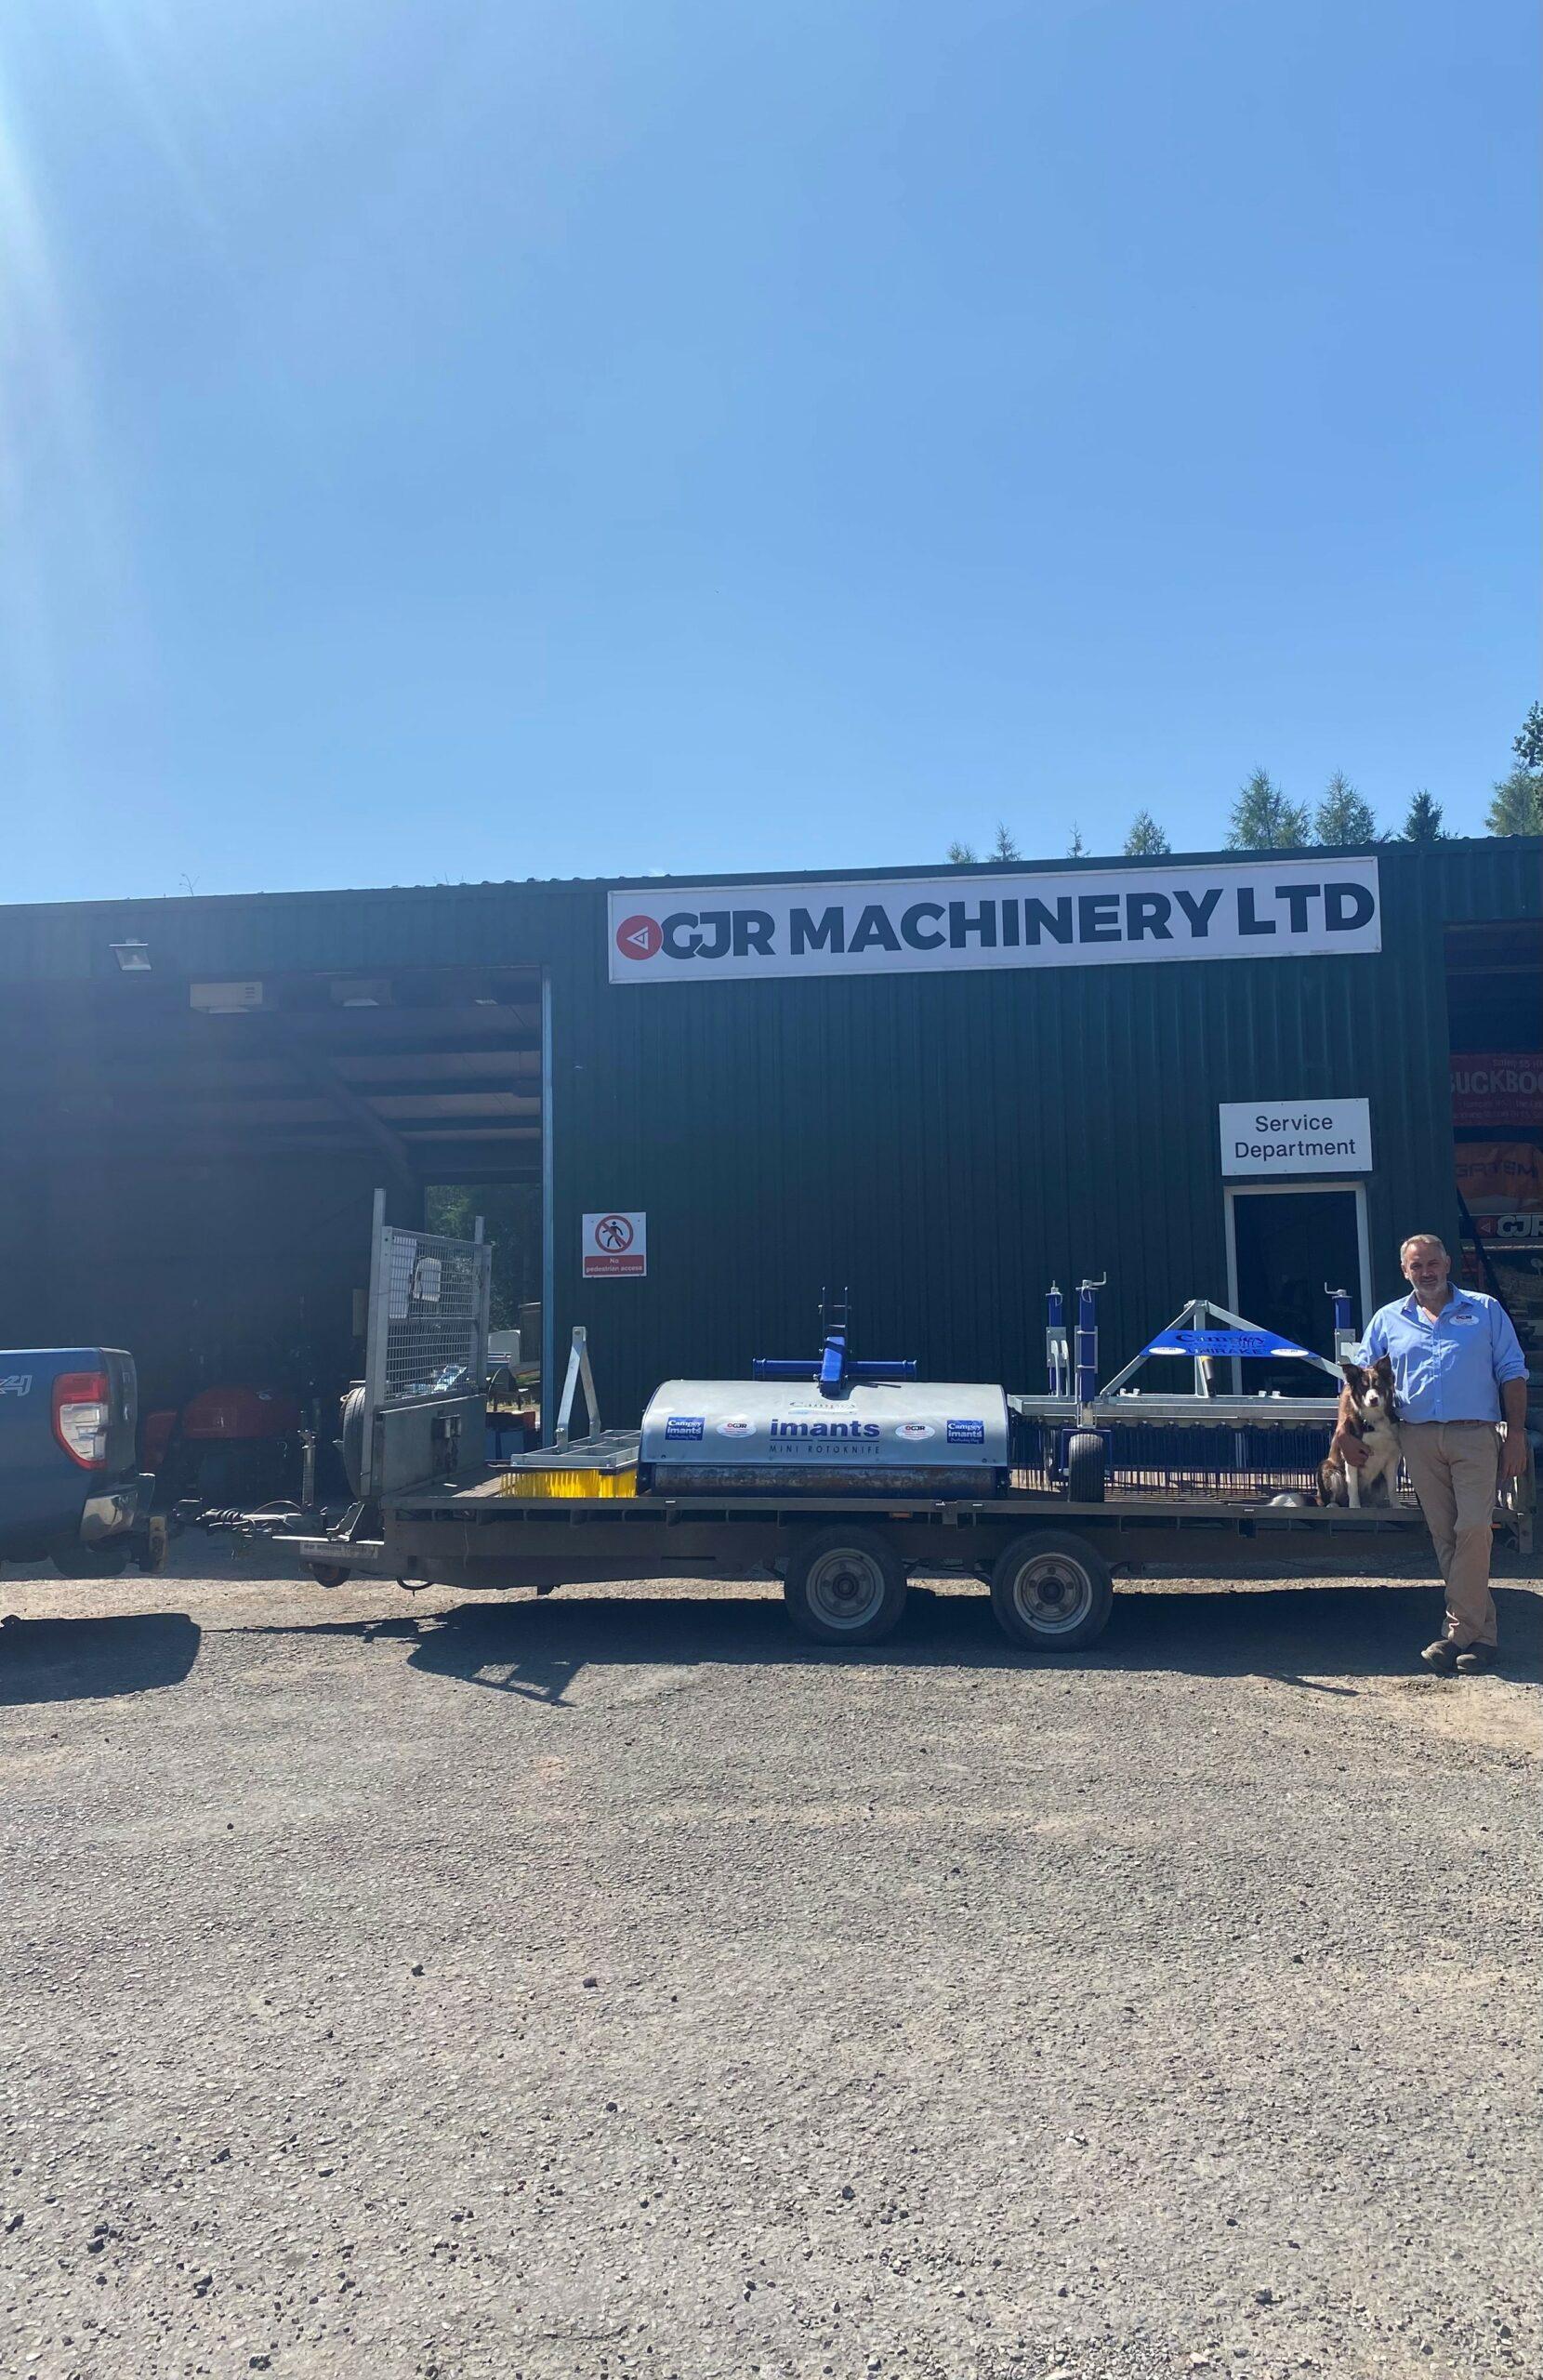 GJR Machinery Ltd